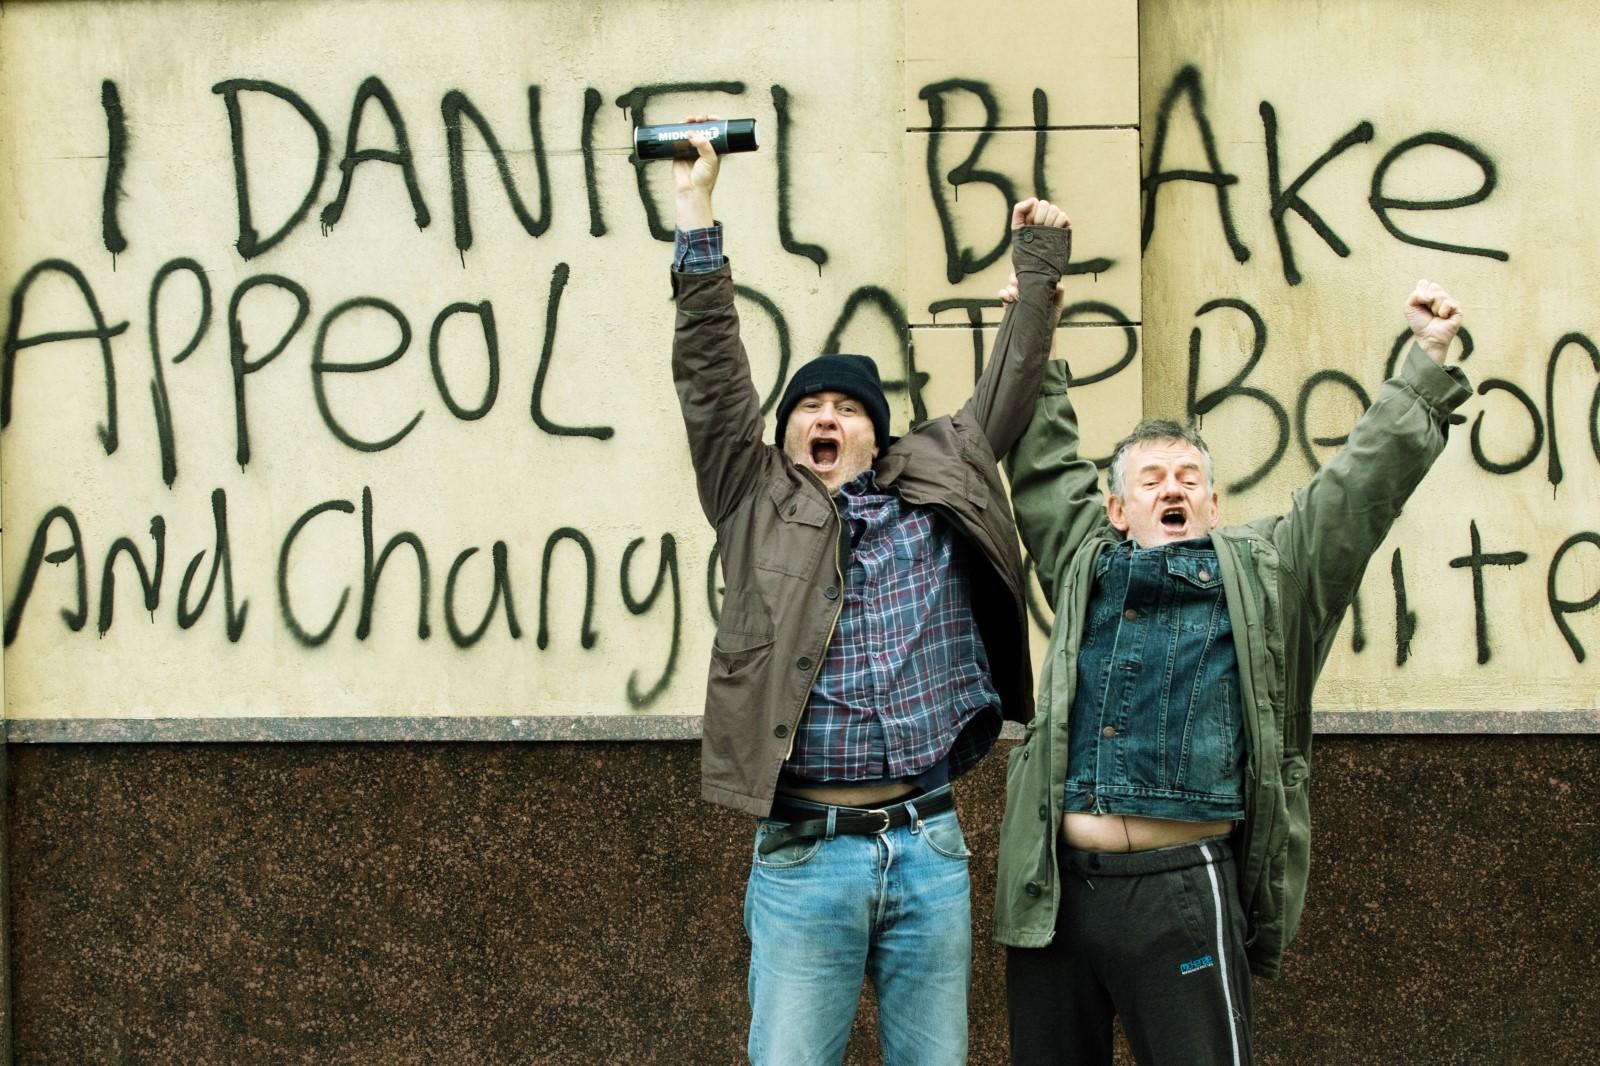 Я дэниел блэйк 2016 - i daniel blake - информация о